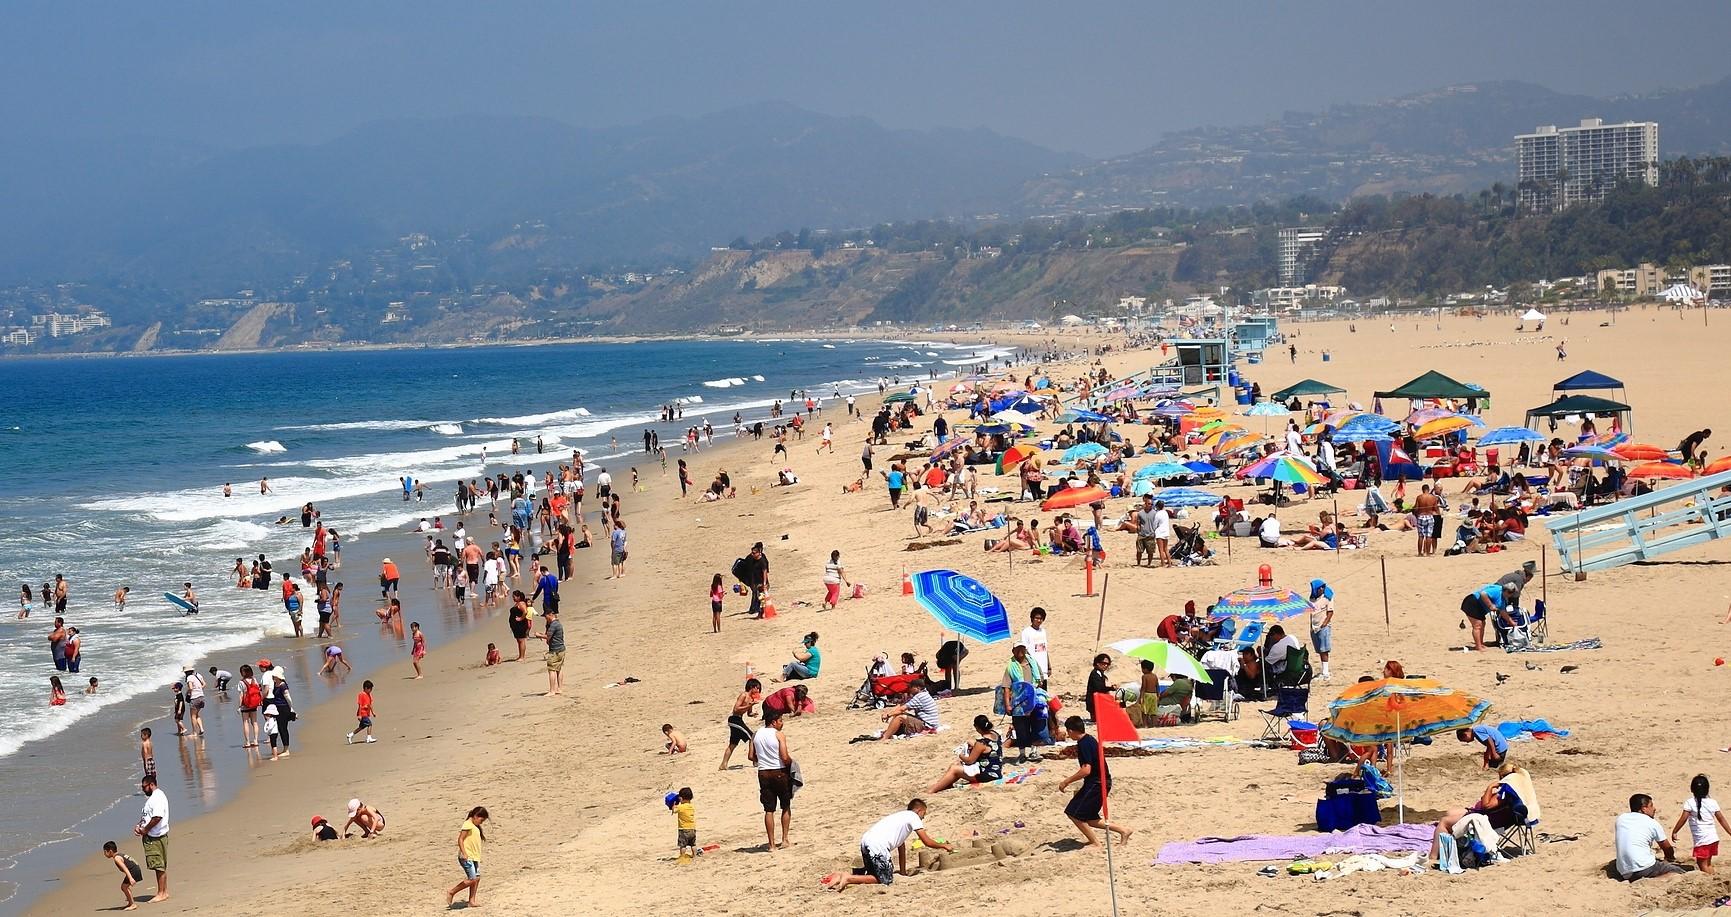 Revenire miraculoasă a unui copil care nu mai respira după ce a fost scos din apă în timp ce era la plajă